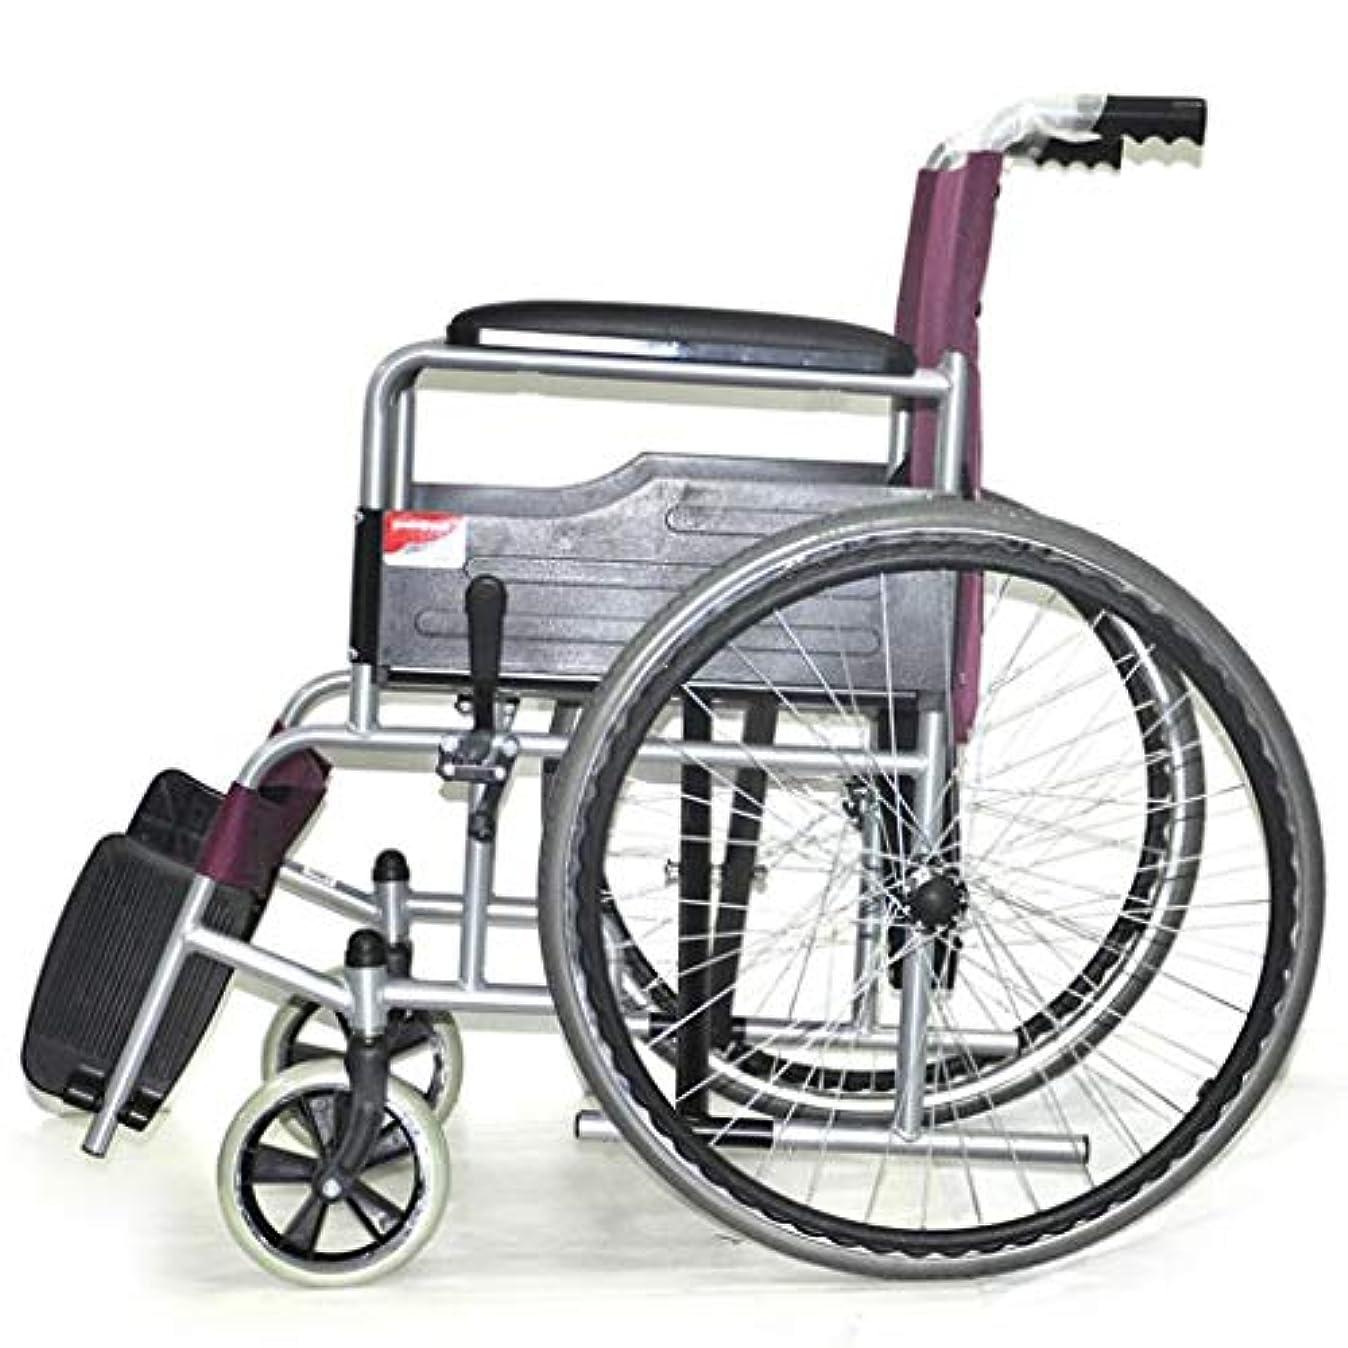 エリートチーフパック自走式車椅子折りたたみ軽量、高齢者屋外旅行車椅子、ブレーキ付き